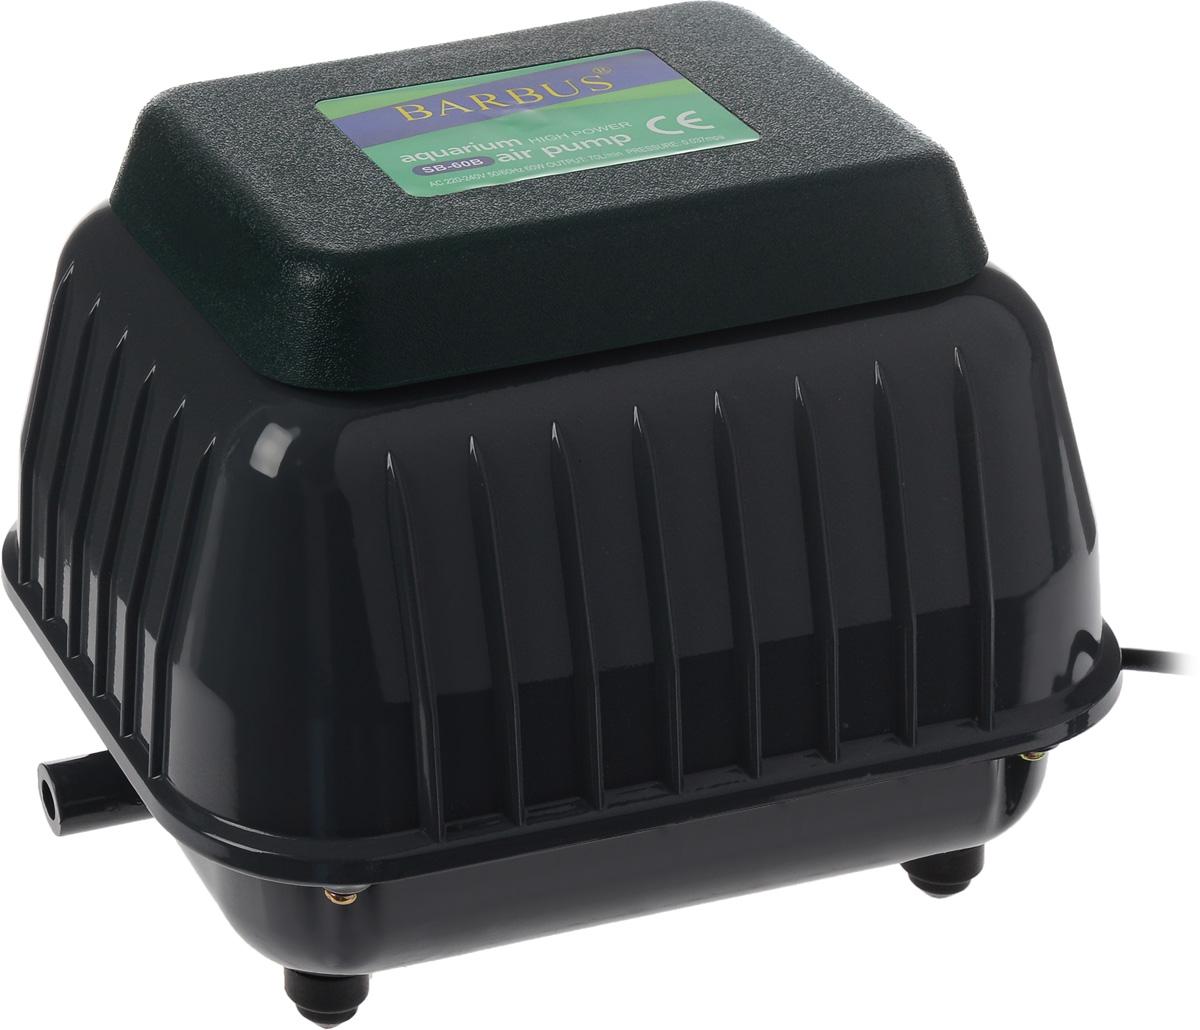 Компрессор воздушный аквариумный Barbus, 60 Вт2502Воздушный аквариумный компрессор Barbus выполнен из прочного металла и пластика. Современная резиновая мембрана и клапан гарантируют долгий срок службы. Изделие обладает уникальной структурой с хорошим тепловыделением и низким уровнем шума. Компрессор имеет широкий спектр использования в рыбной ферме, пруду, аквариуме. Снизу расположены резиновые ножки, обеспечивающие устойчивость и не царапающие поверхность.Мощность: 60 Вт.Напряжение: 220-240В.Частота: 50/60 Гц.Производительность: 70 л/мин.Количество выходов гребенки: 14.